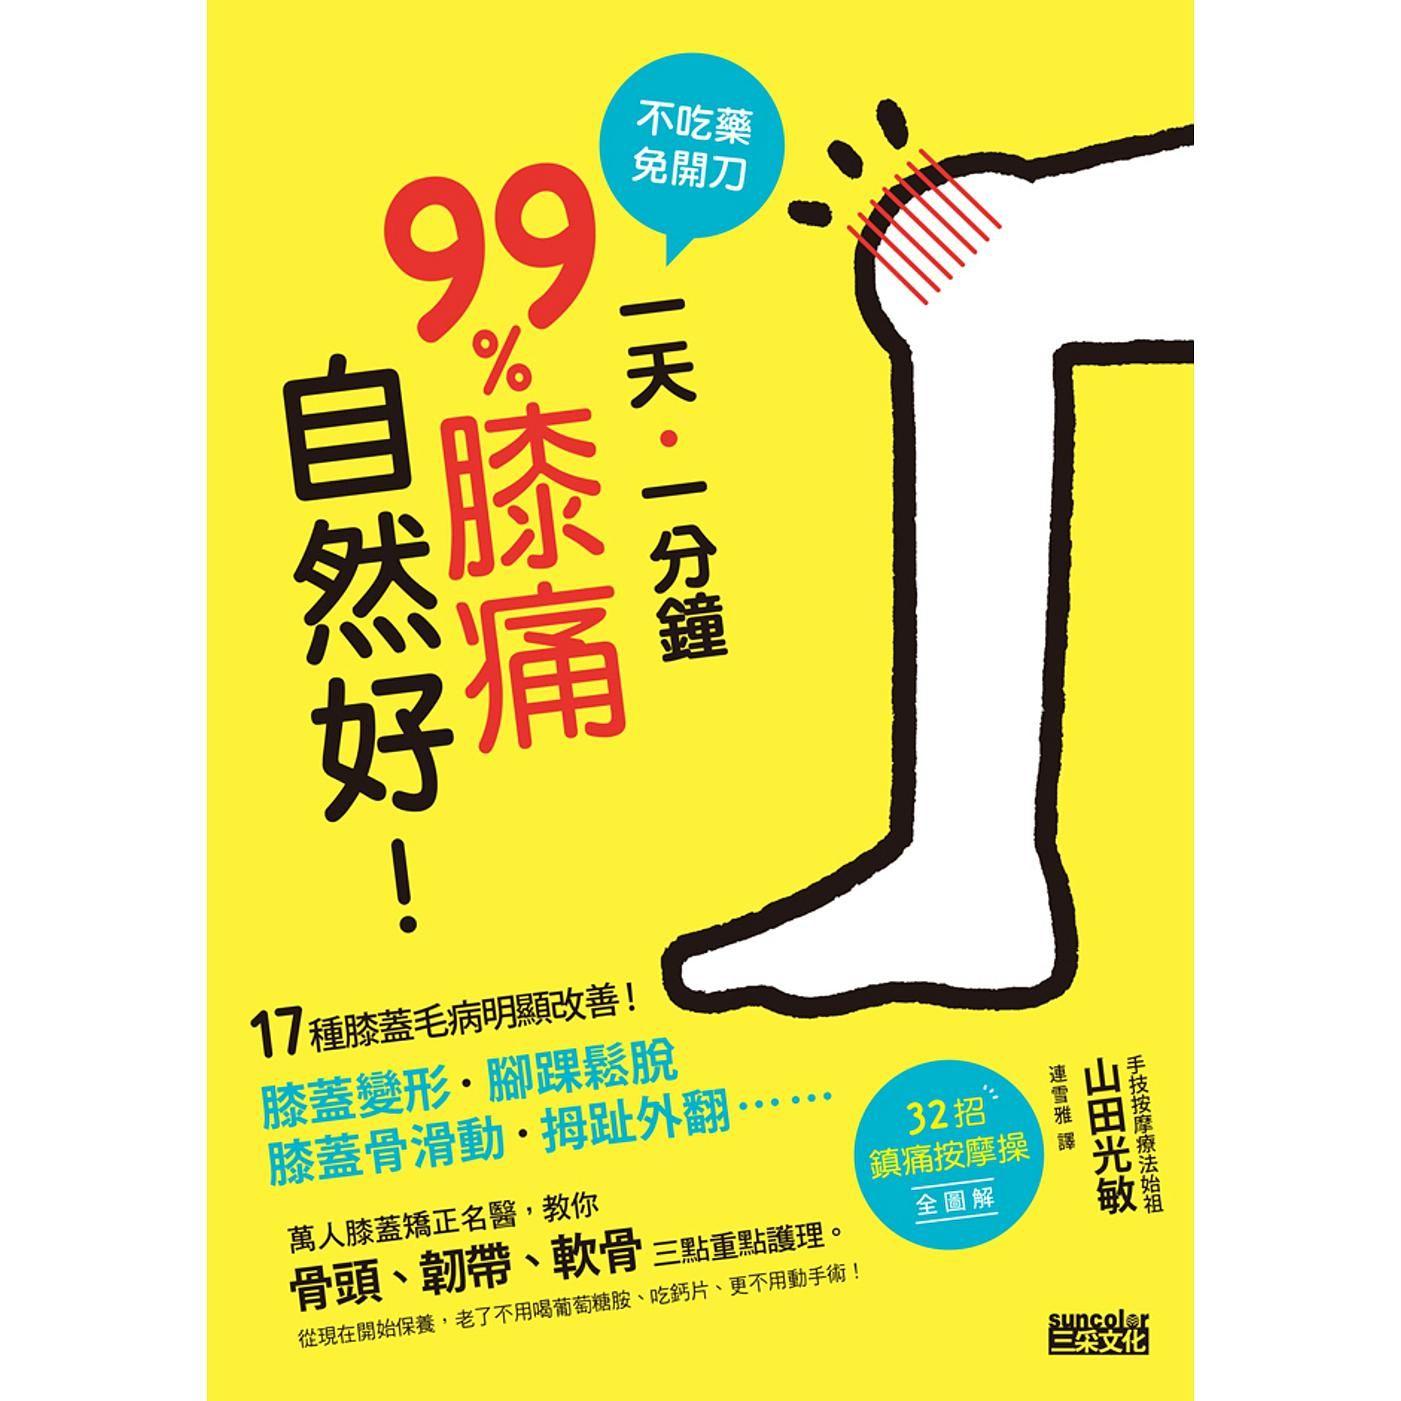 不吃藥免開刀 1天1分鐘99%膝痛自然好:17種膝蓋毛病明顯改善...膝蓋變形。腳踝鬆脫。膝蓋骨滑動。拇指外翻 ...